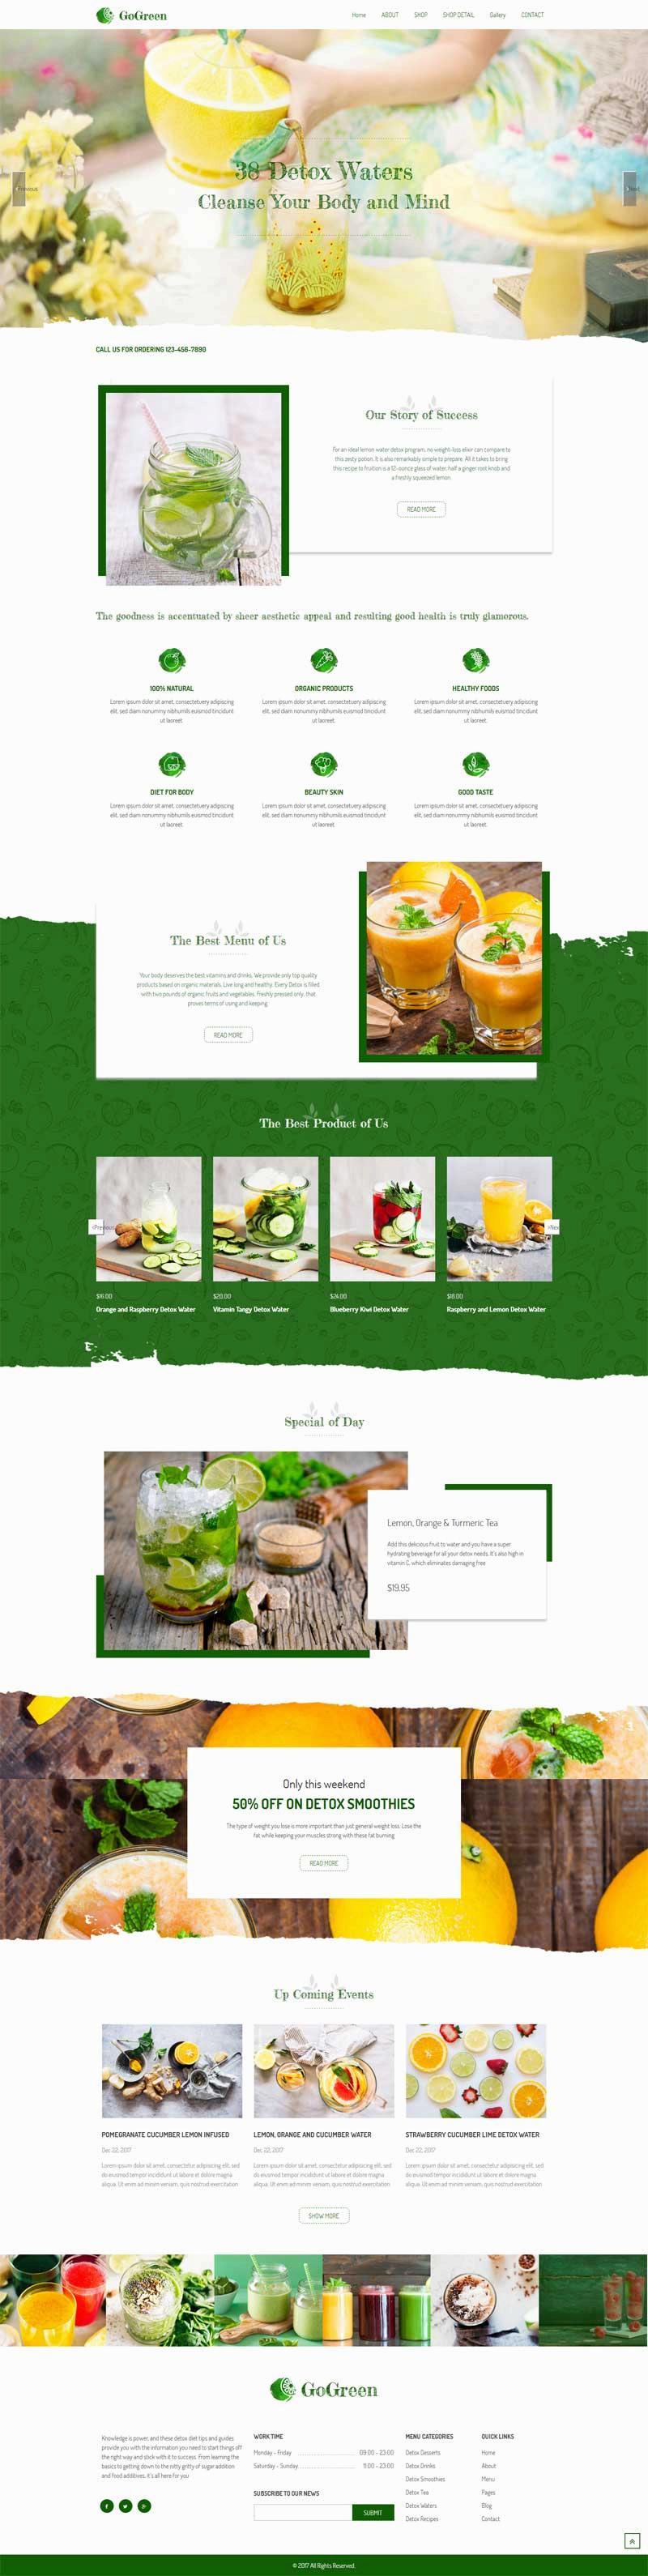 绿色的水果饮料店铺介绍网站模板html下载